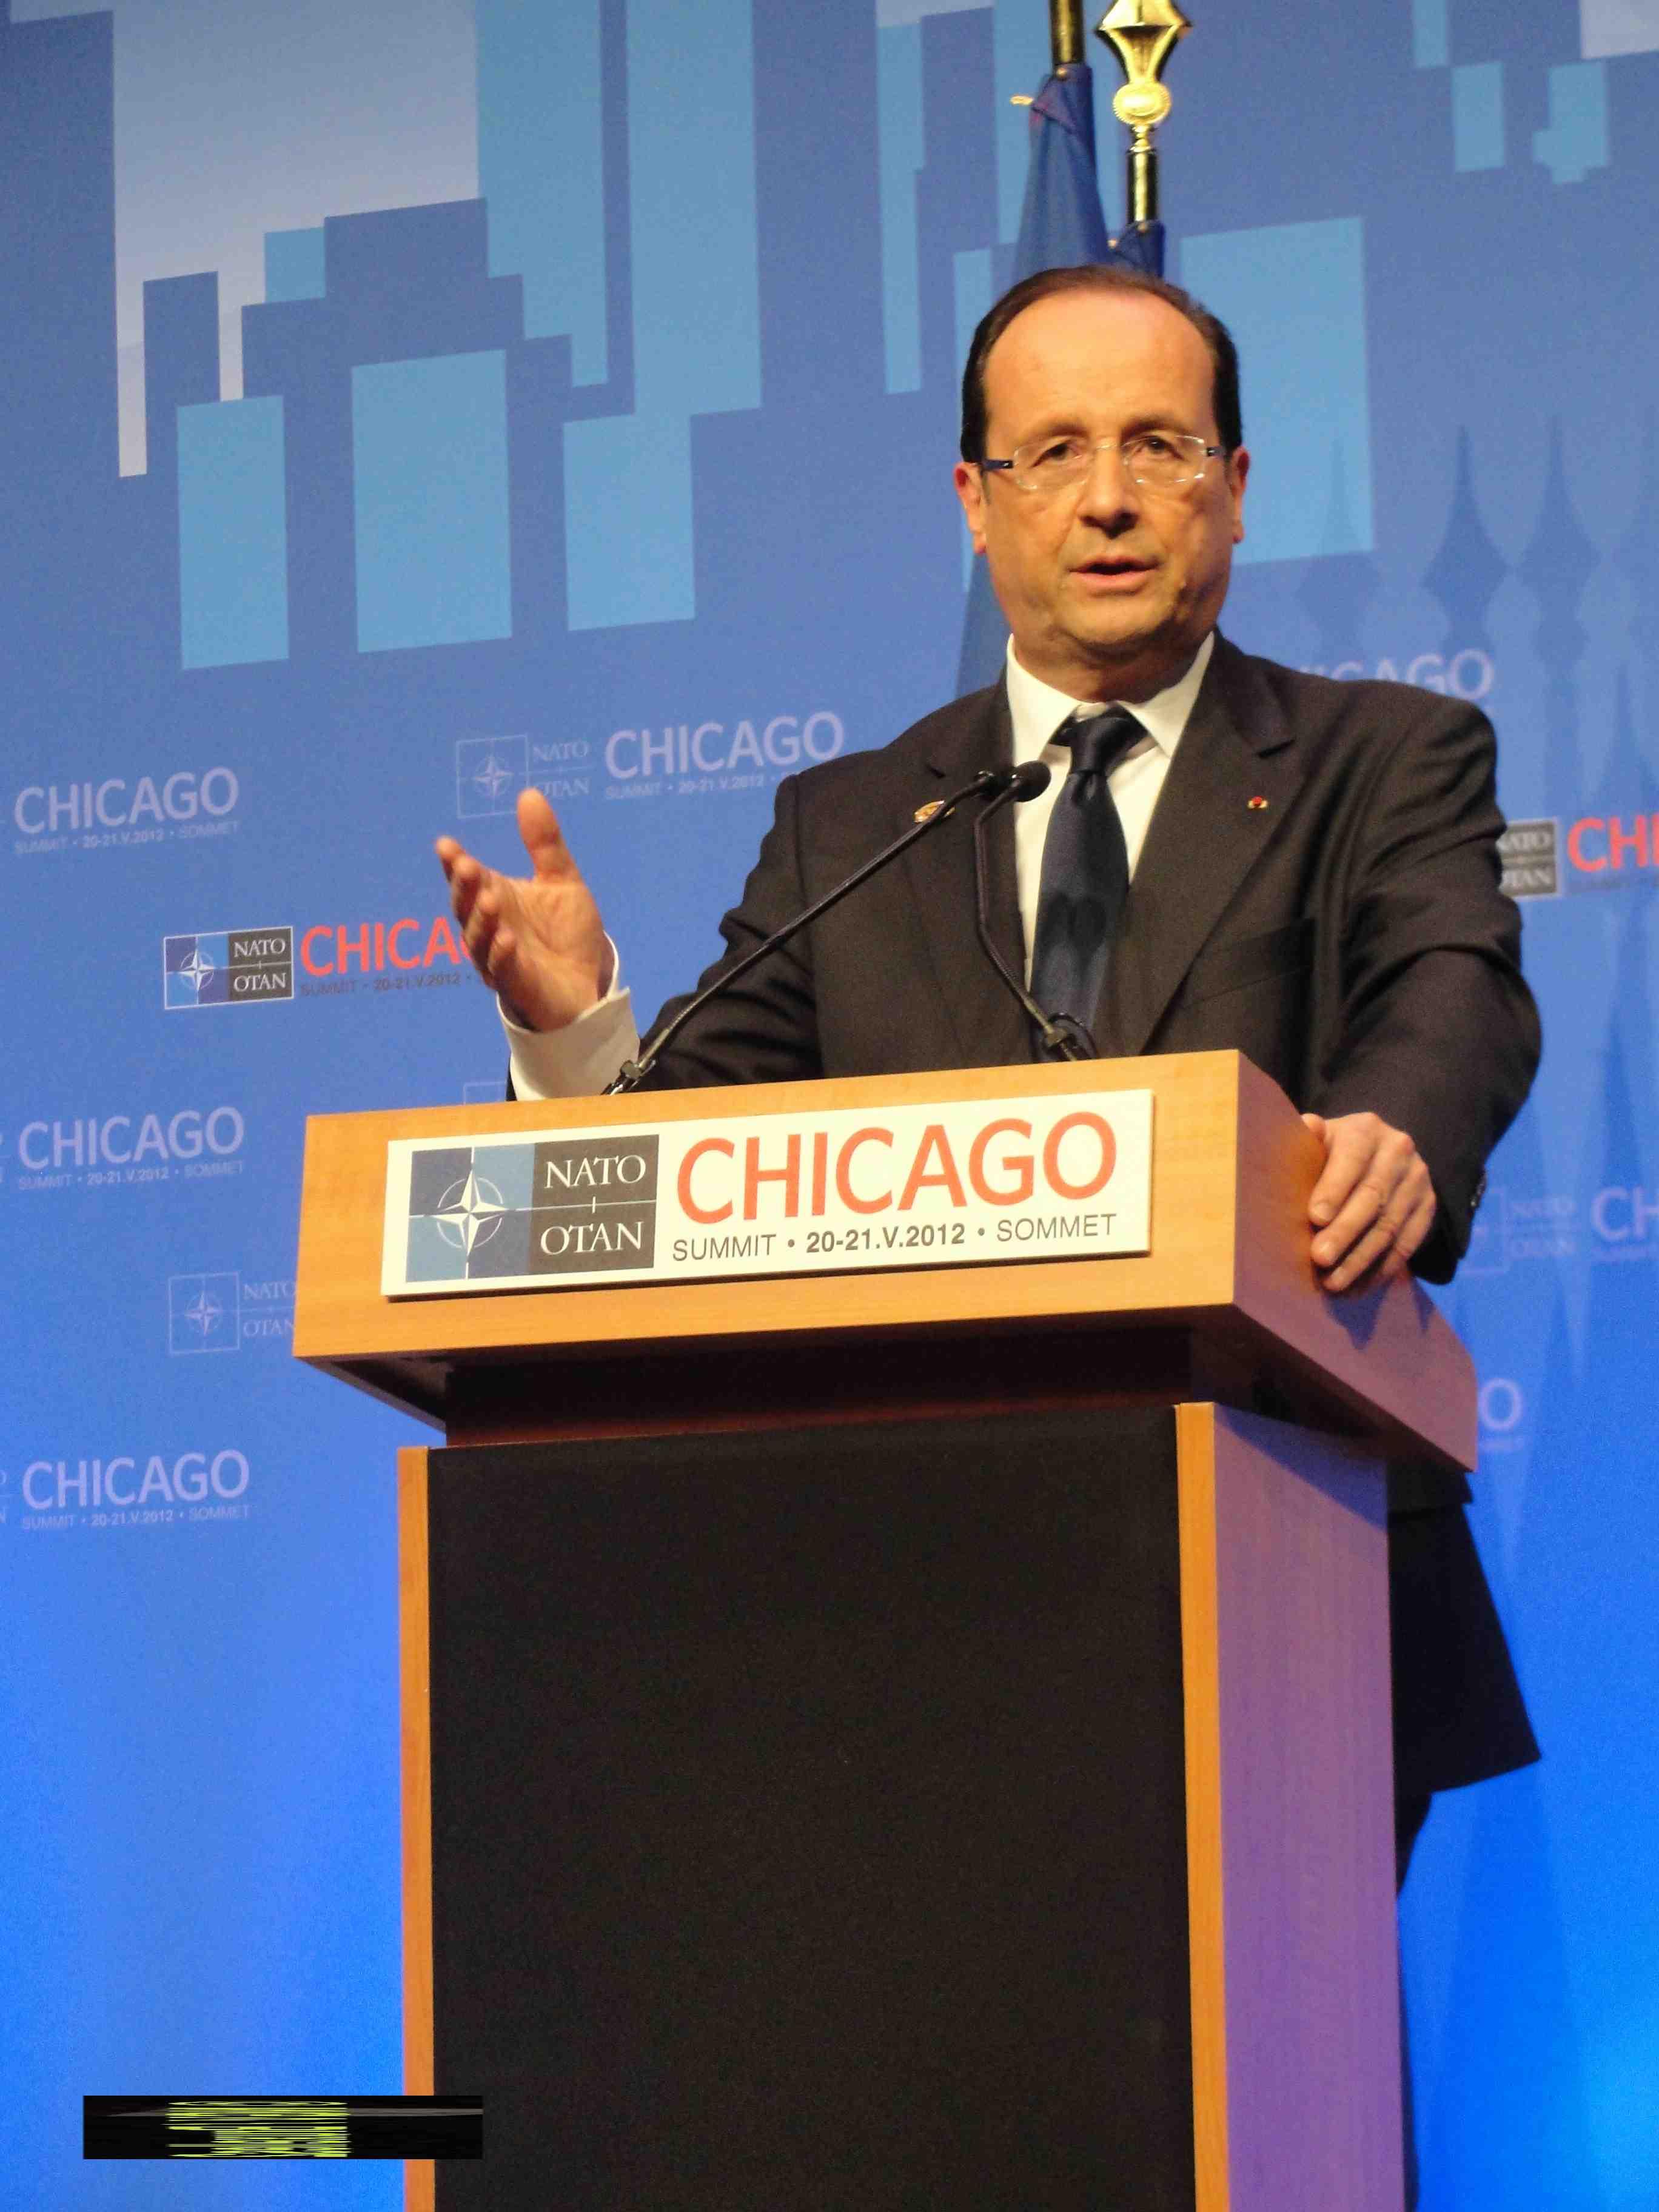 Retrait français d'Afghanistan, les «précisions» de F. Hollande: toujours un peu floues